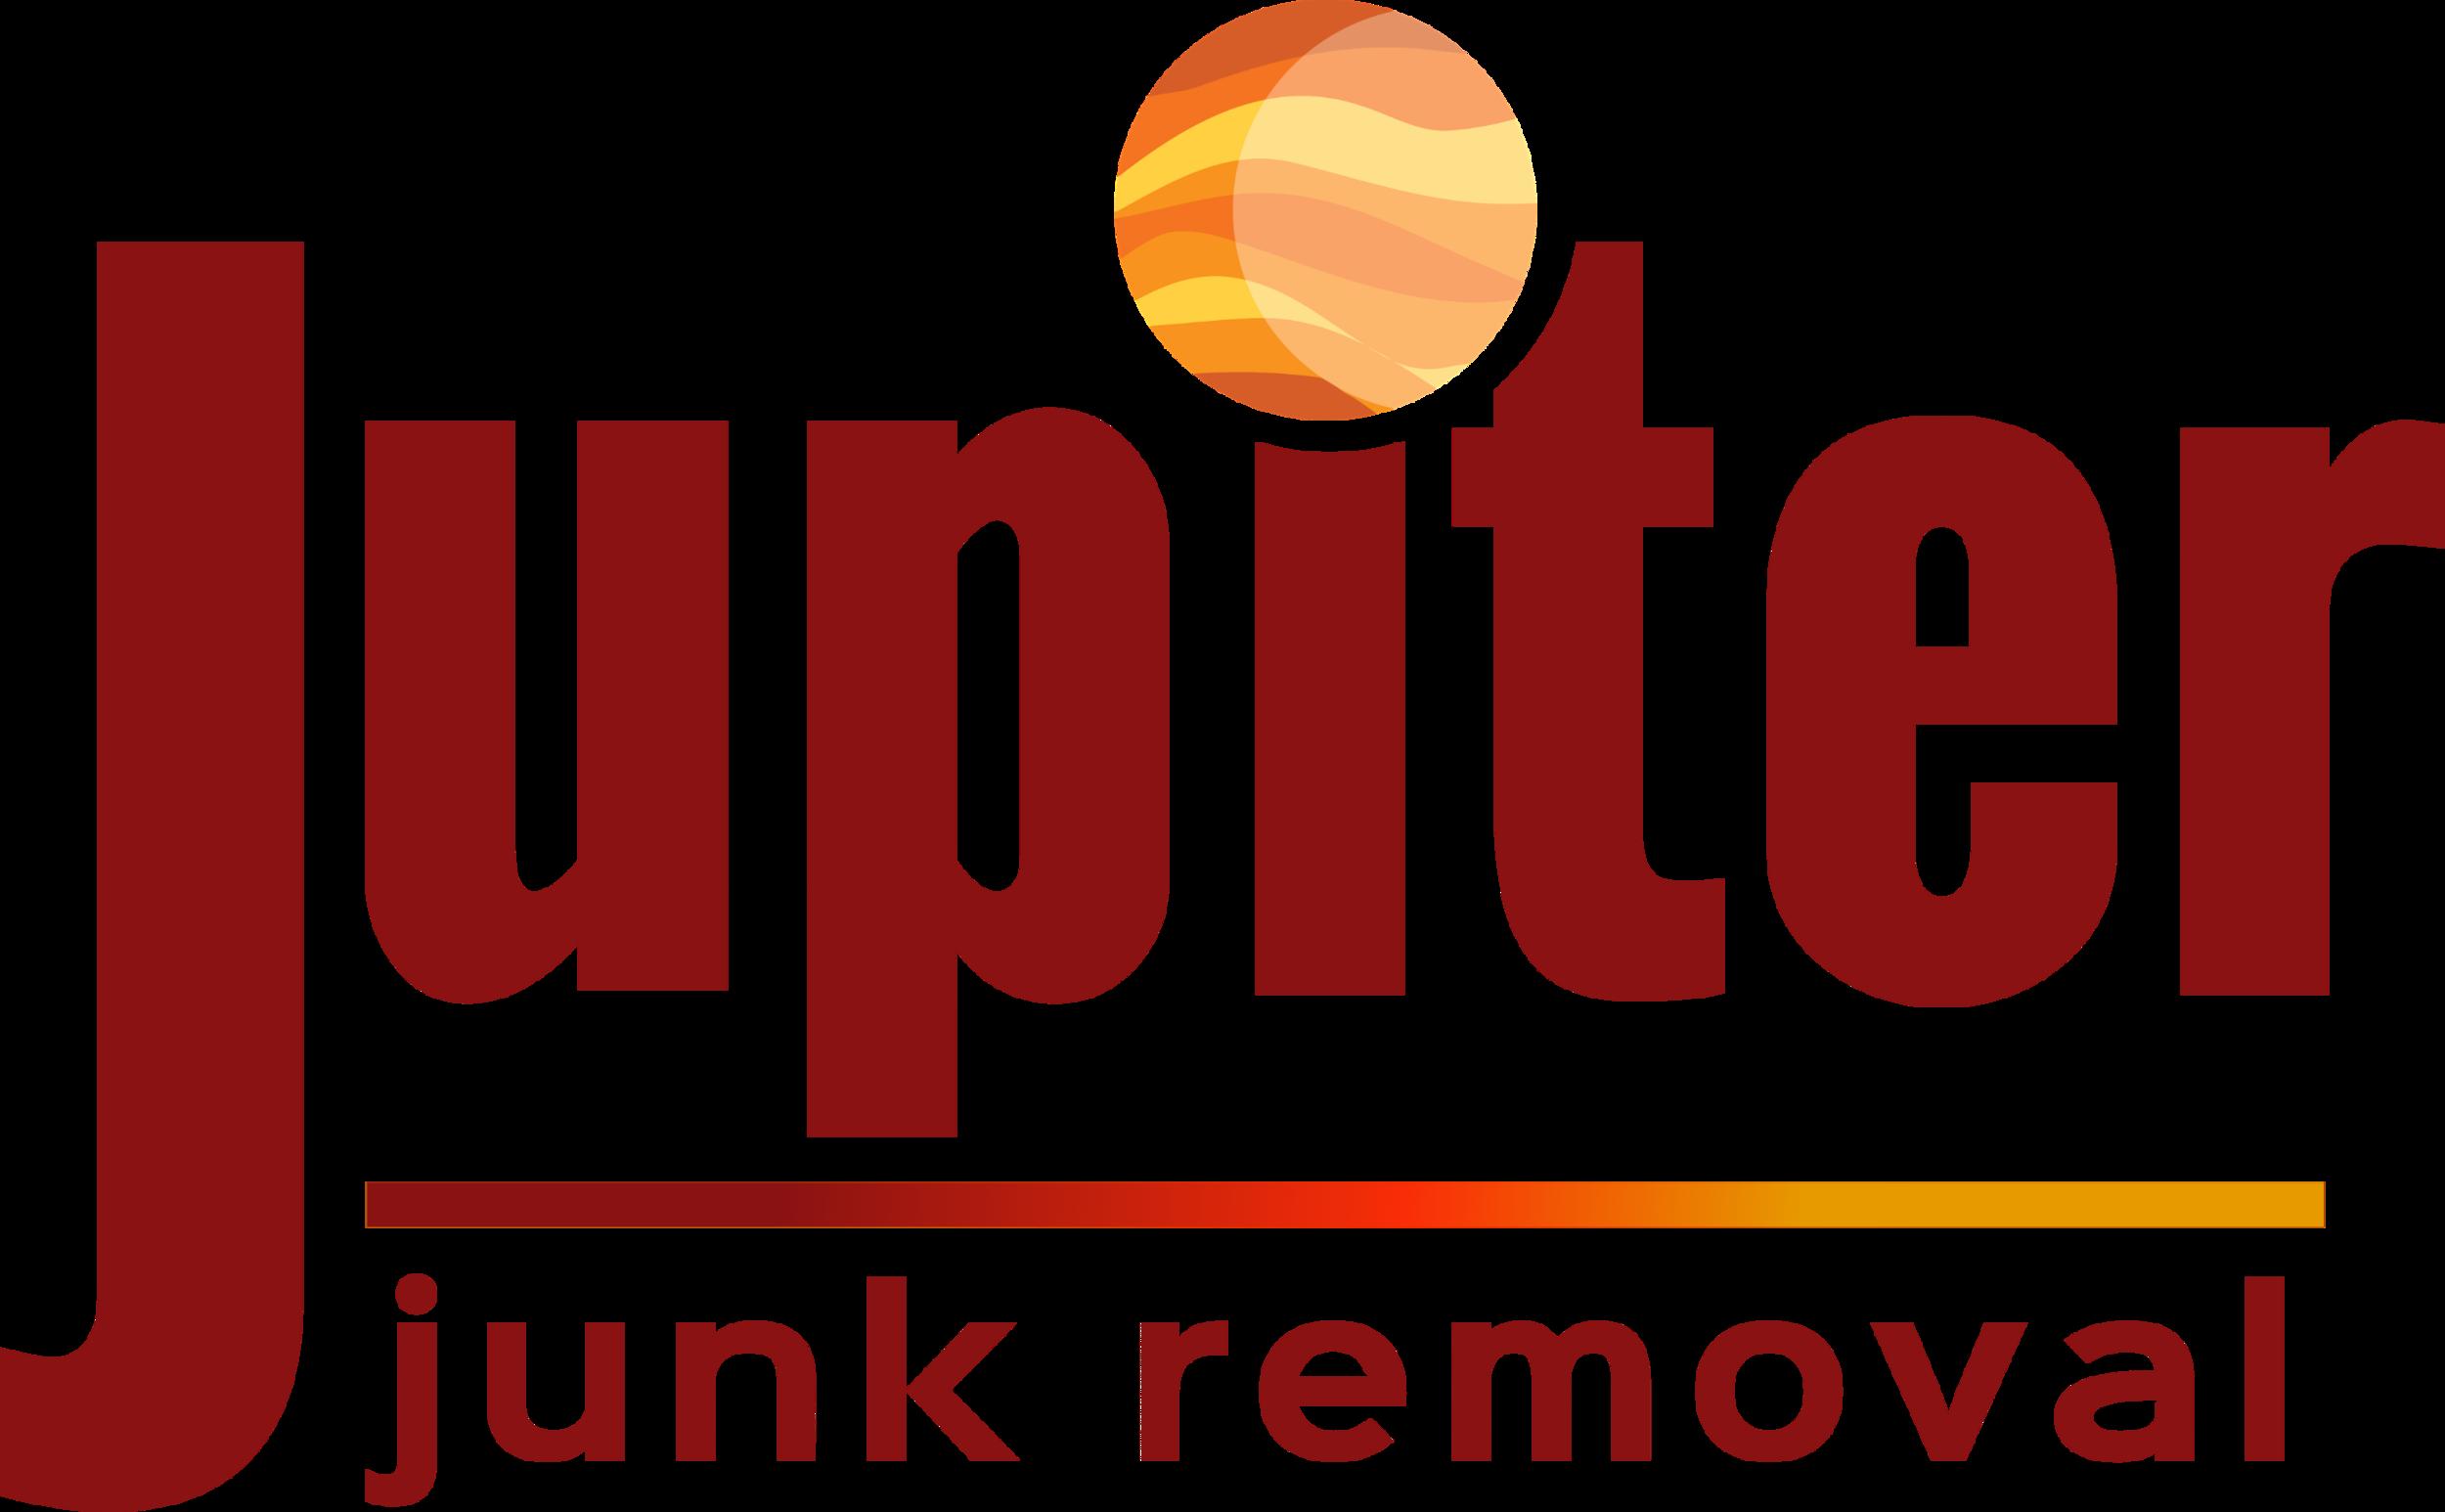 Jupiter Junk Removal